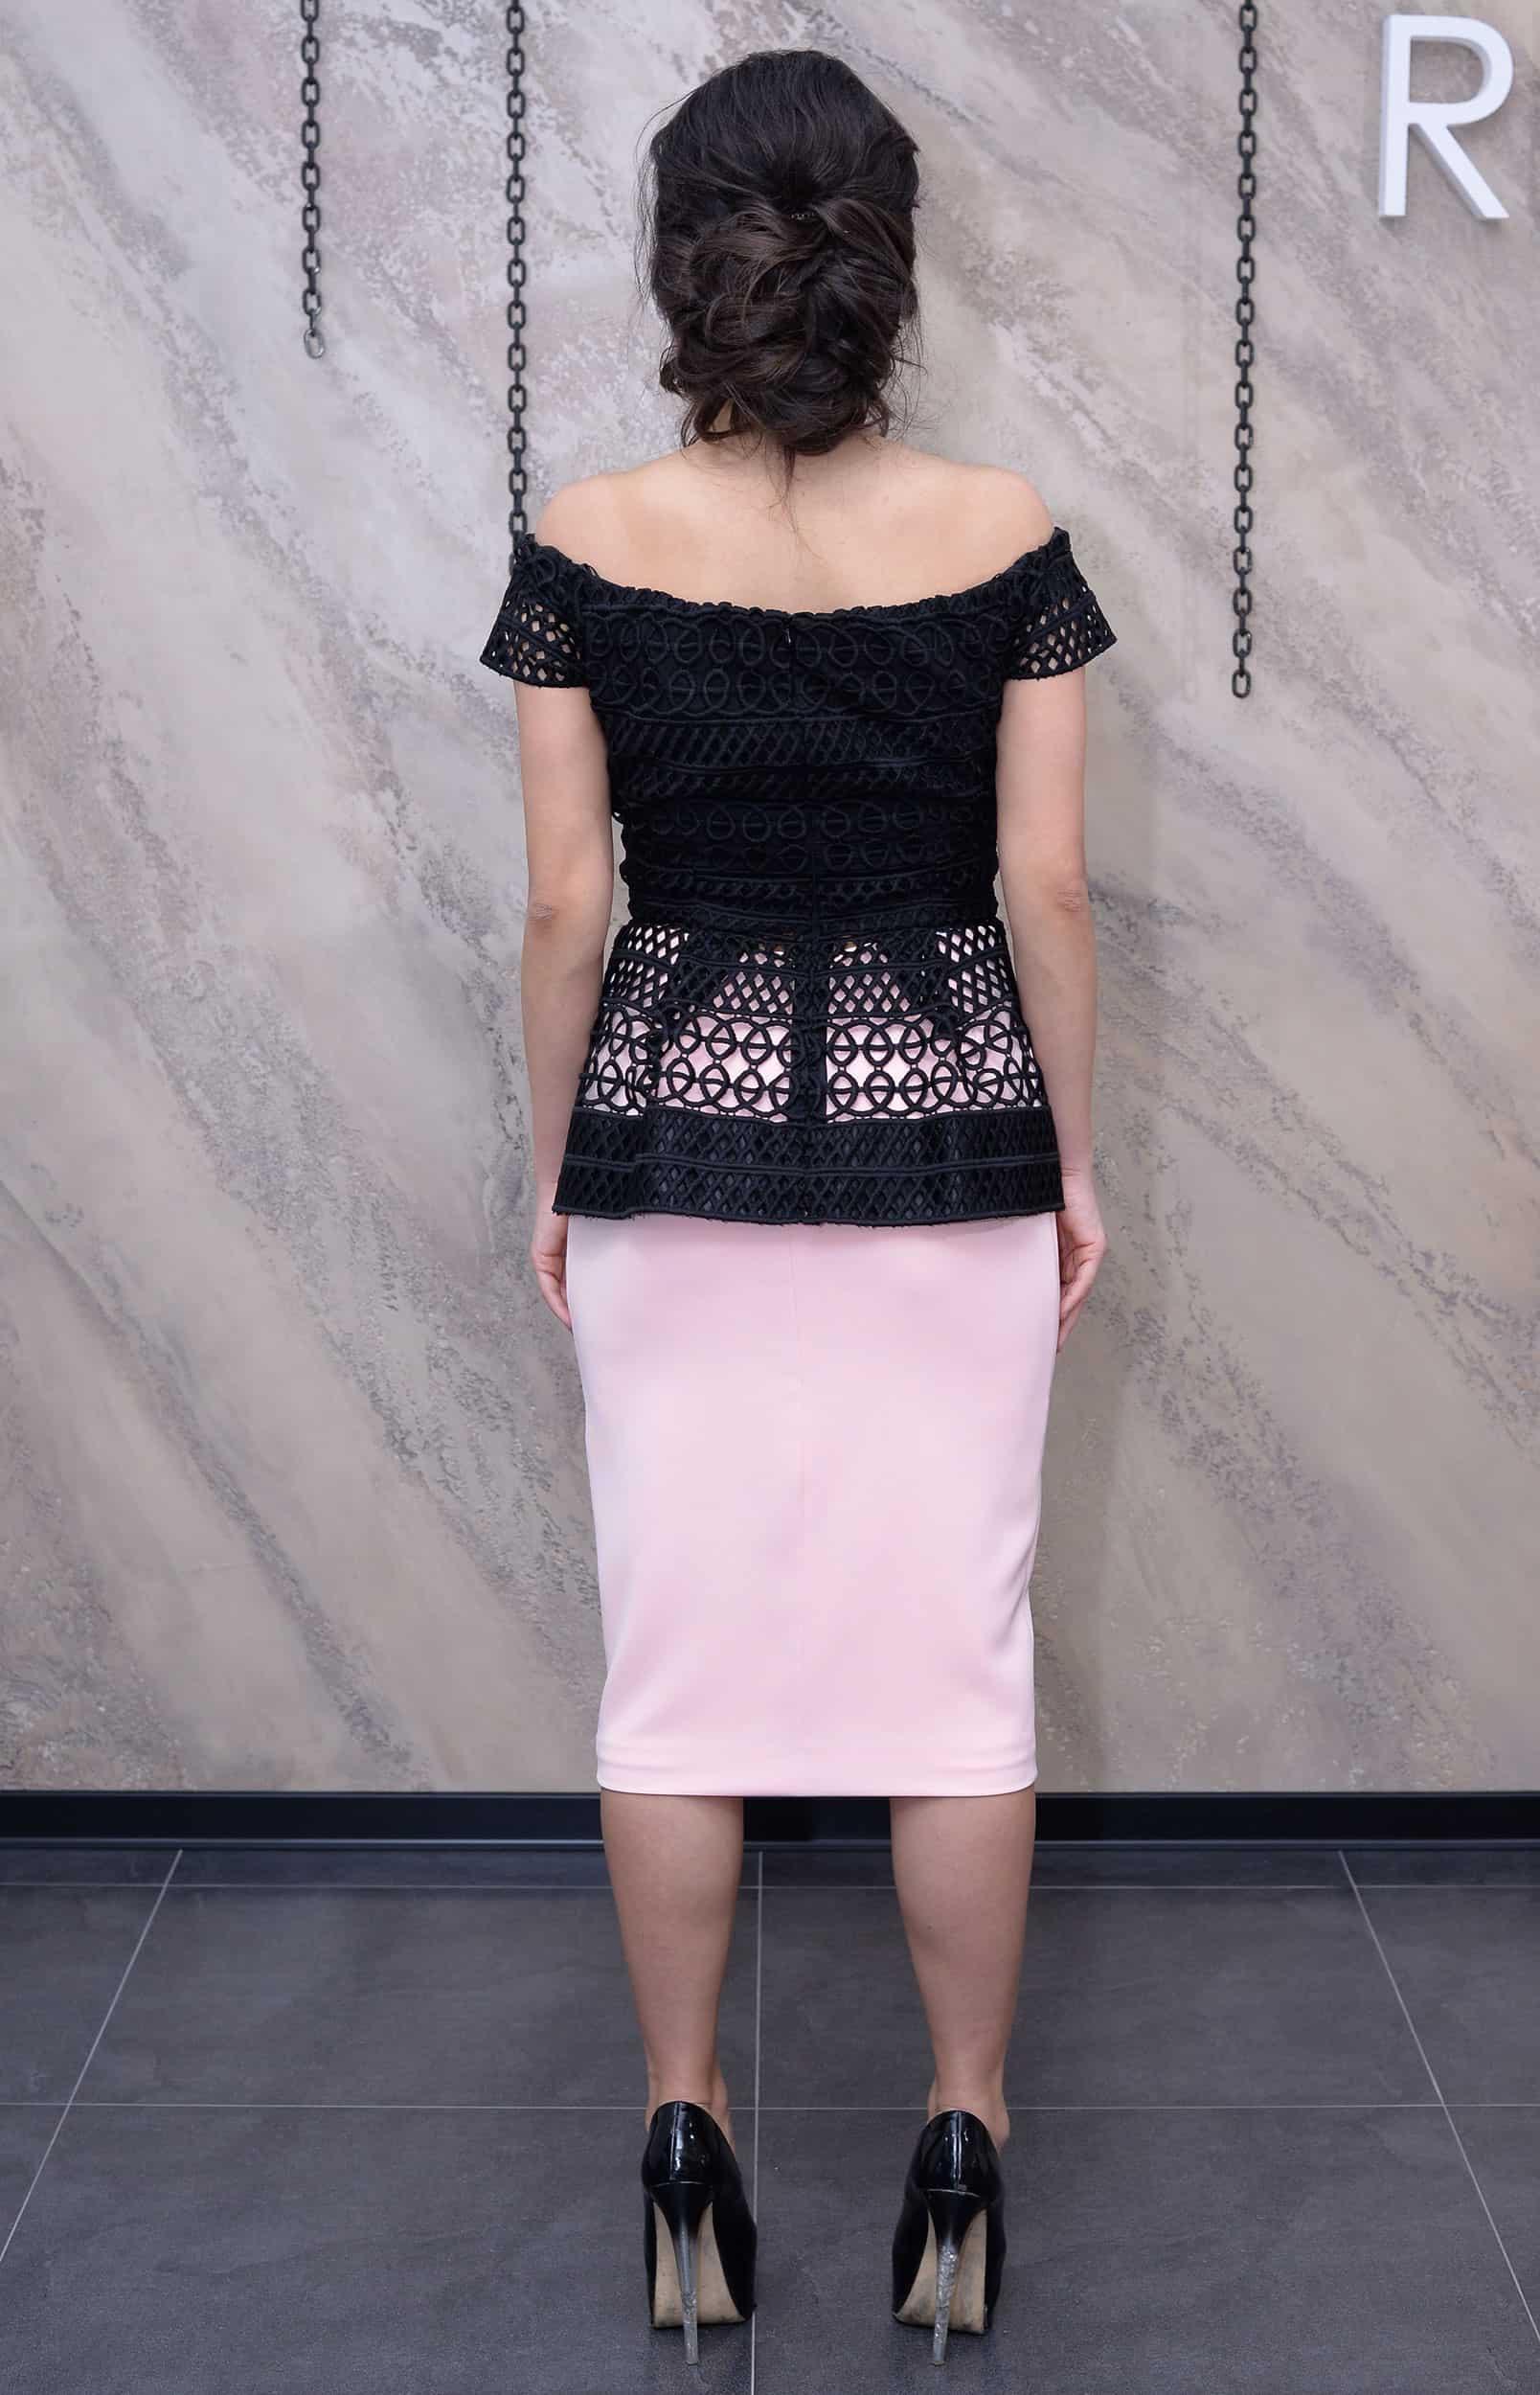 Iznajmljivanje haljina Nis - Acess- Rent A Dress Nis